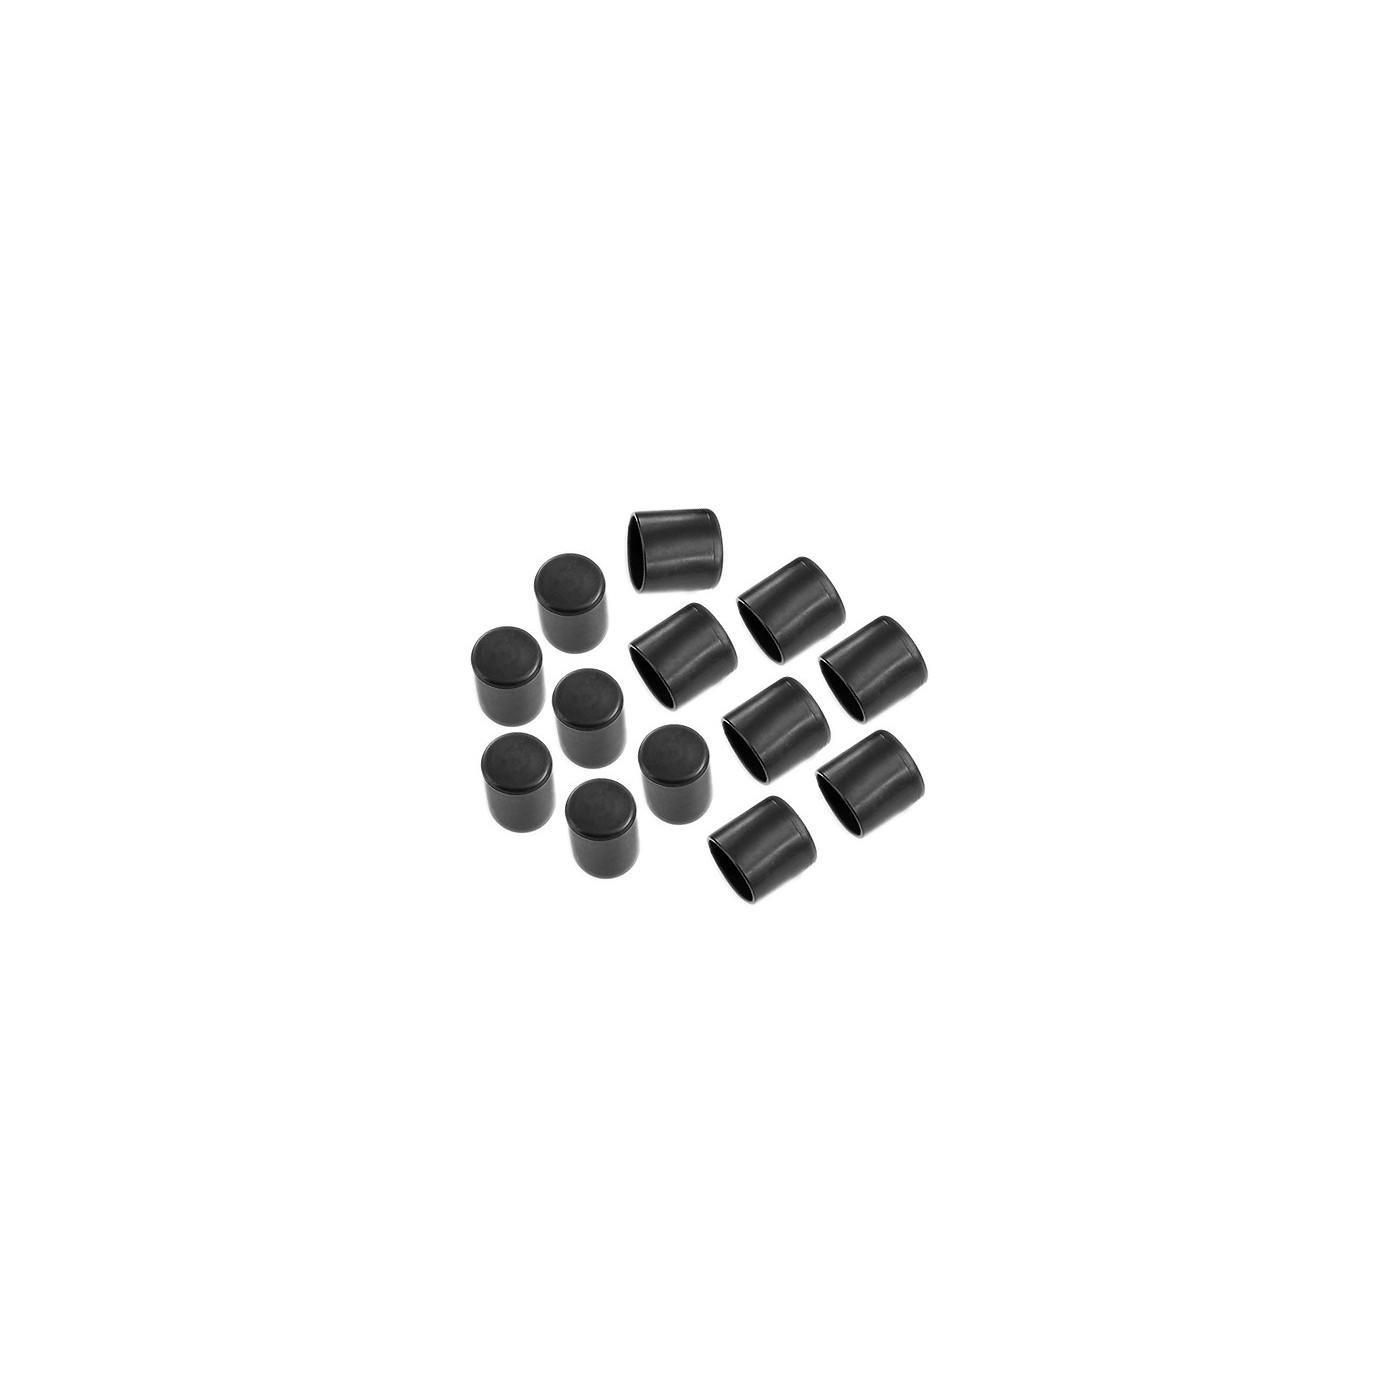 Set van 32 flexibele stoelpootdoppen (omdop, rond, 25 mm, zwart) [O-RO-25-B]  - 1